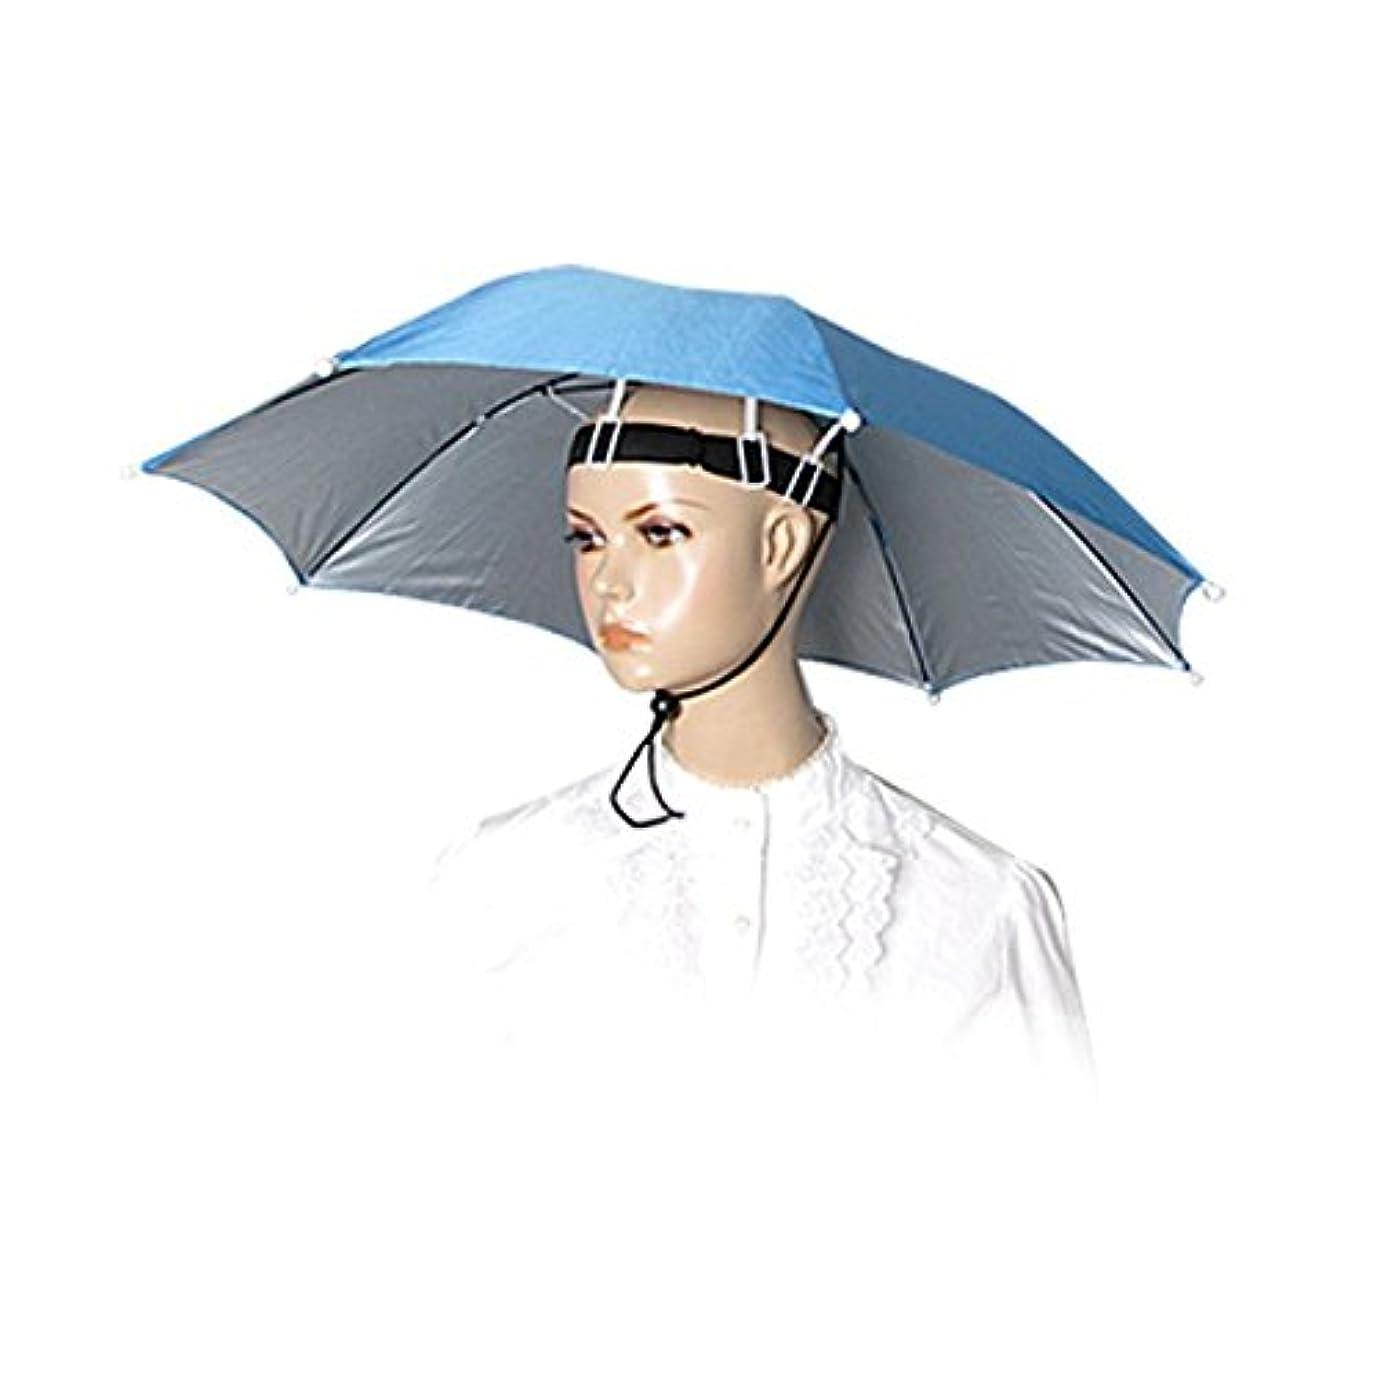 自治的アレイレオナルドダSaim 傘帽子 スカイブルー ポリエステル 直径26インチ 骨8本 釣り/日光/雨用